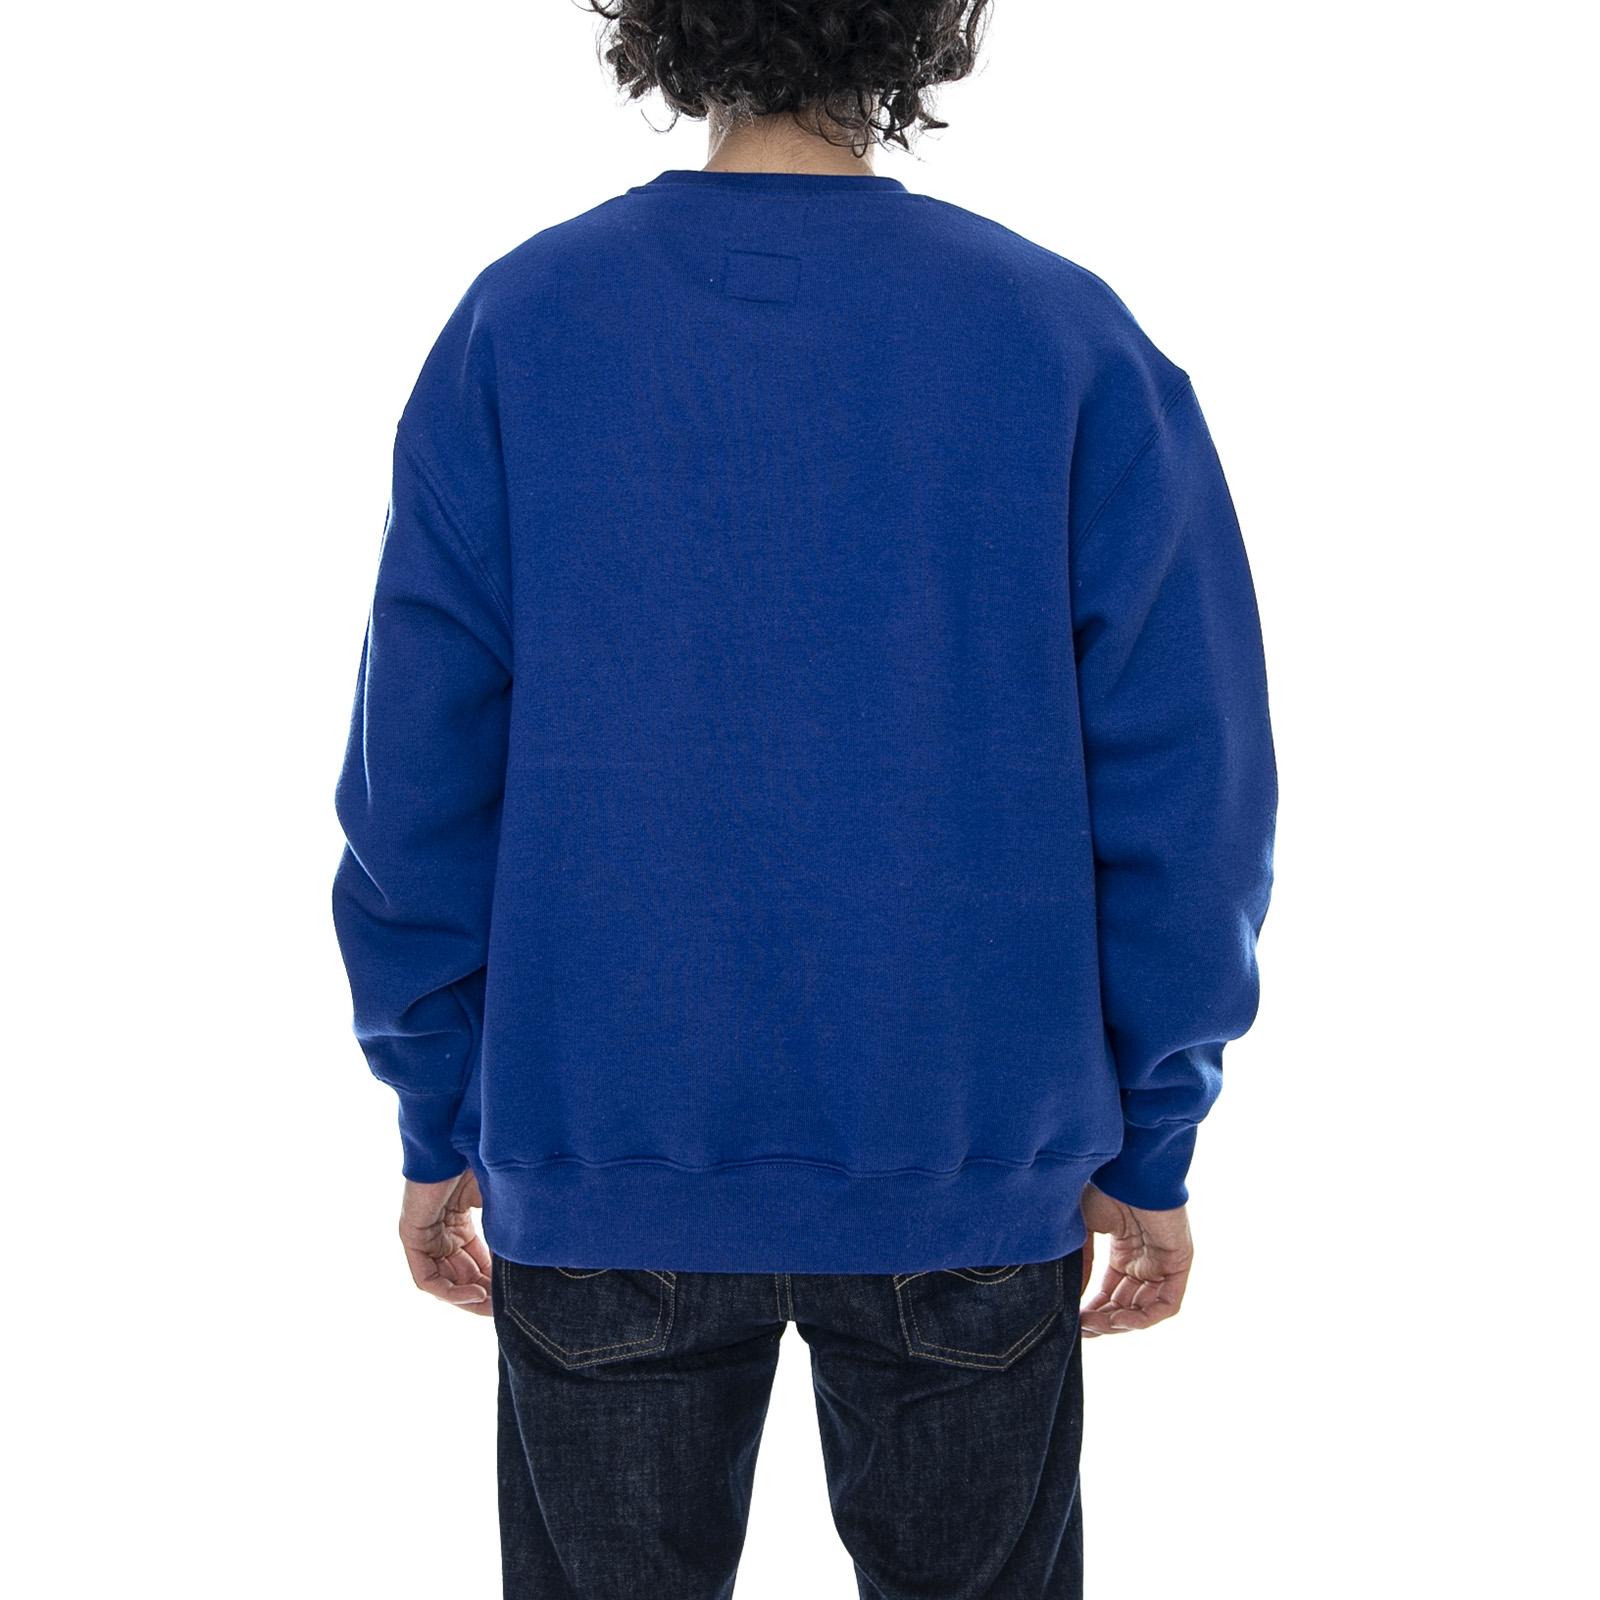 24c587642de002 Tommy Hilfiger Tjm Tommy X Coca Cola Crew - Blue/White Felpa Girocollo Uomo  Blue 3 3 di 3 Vedi Altro